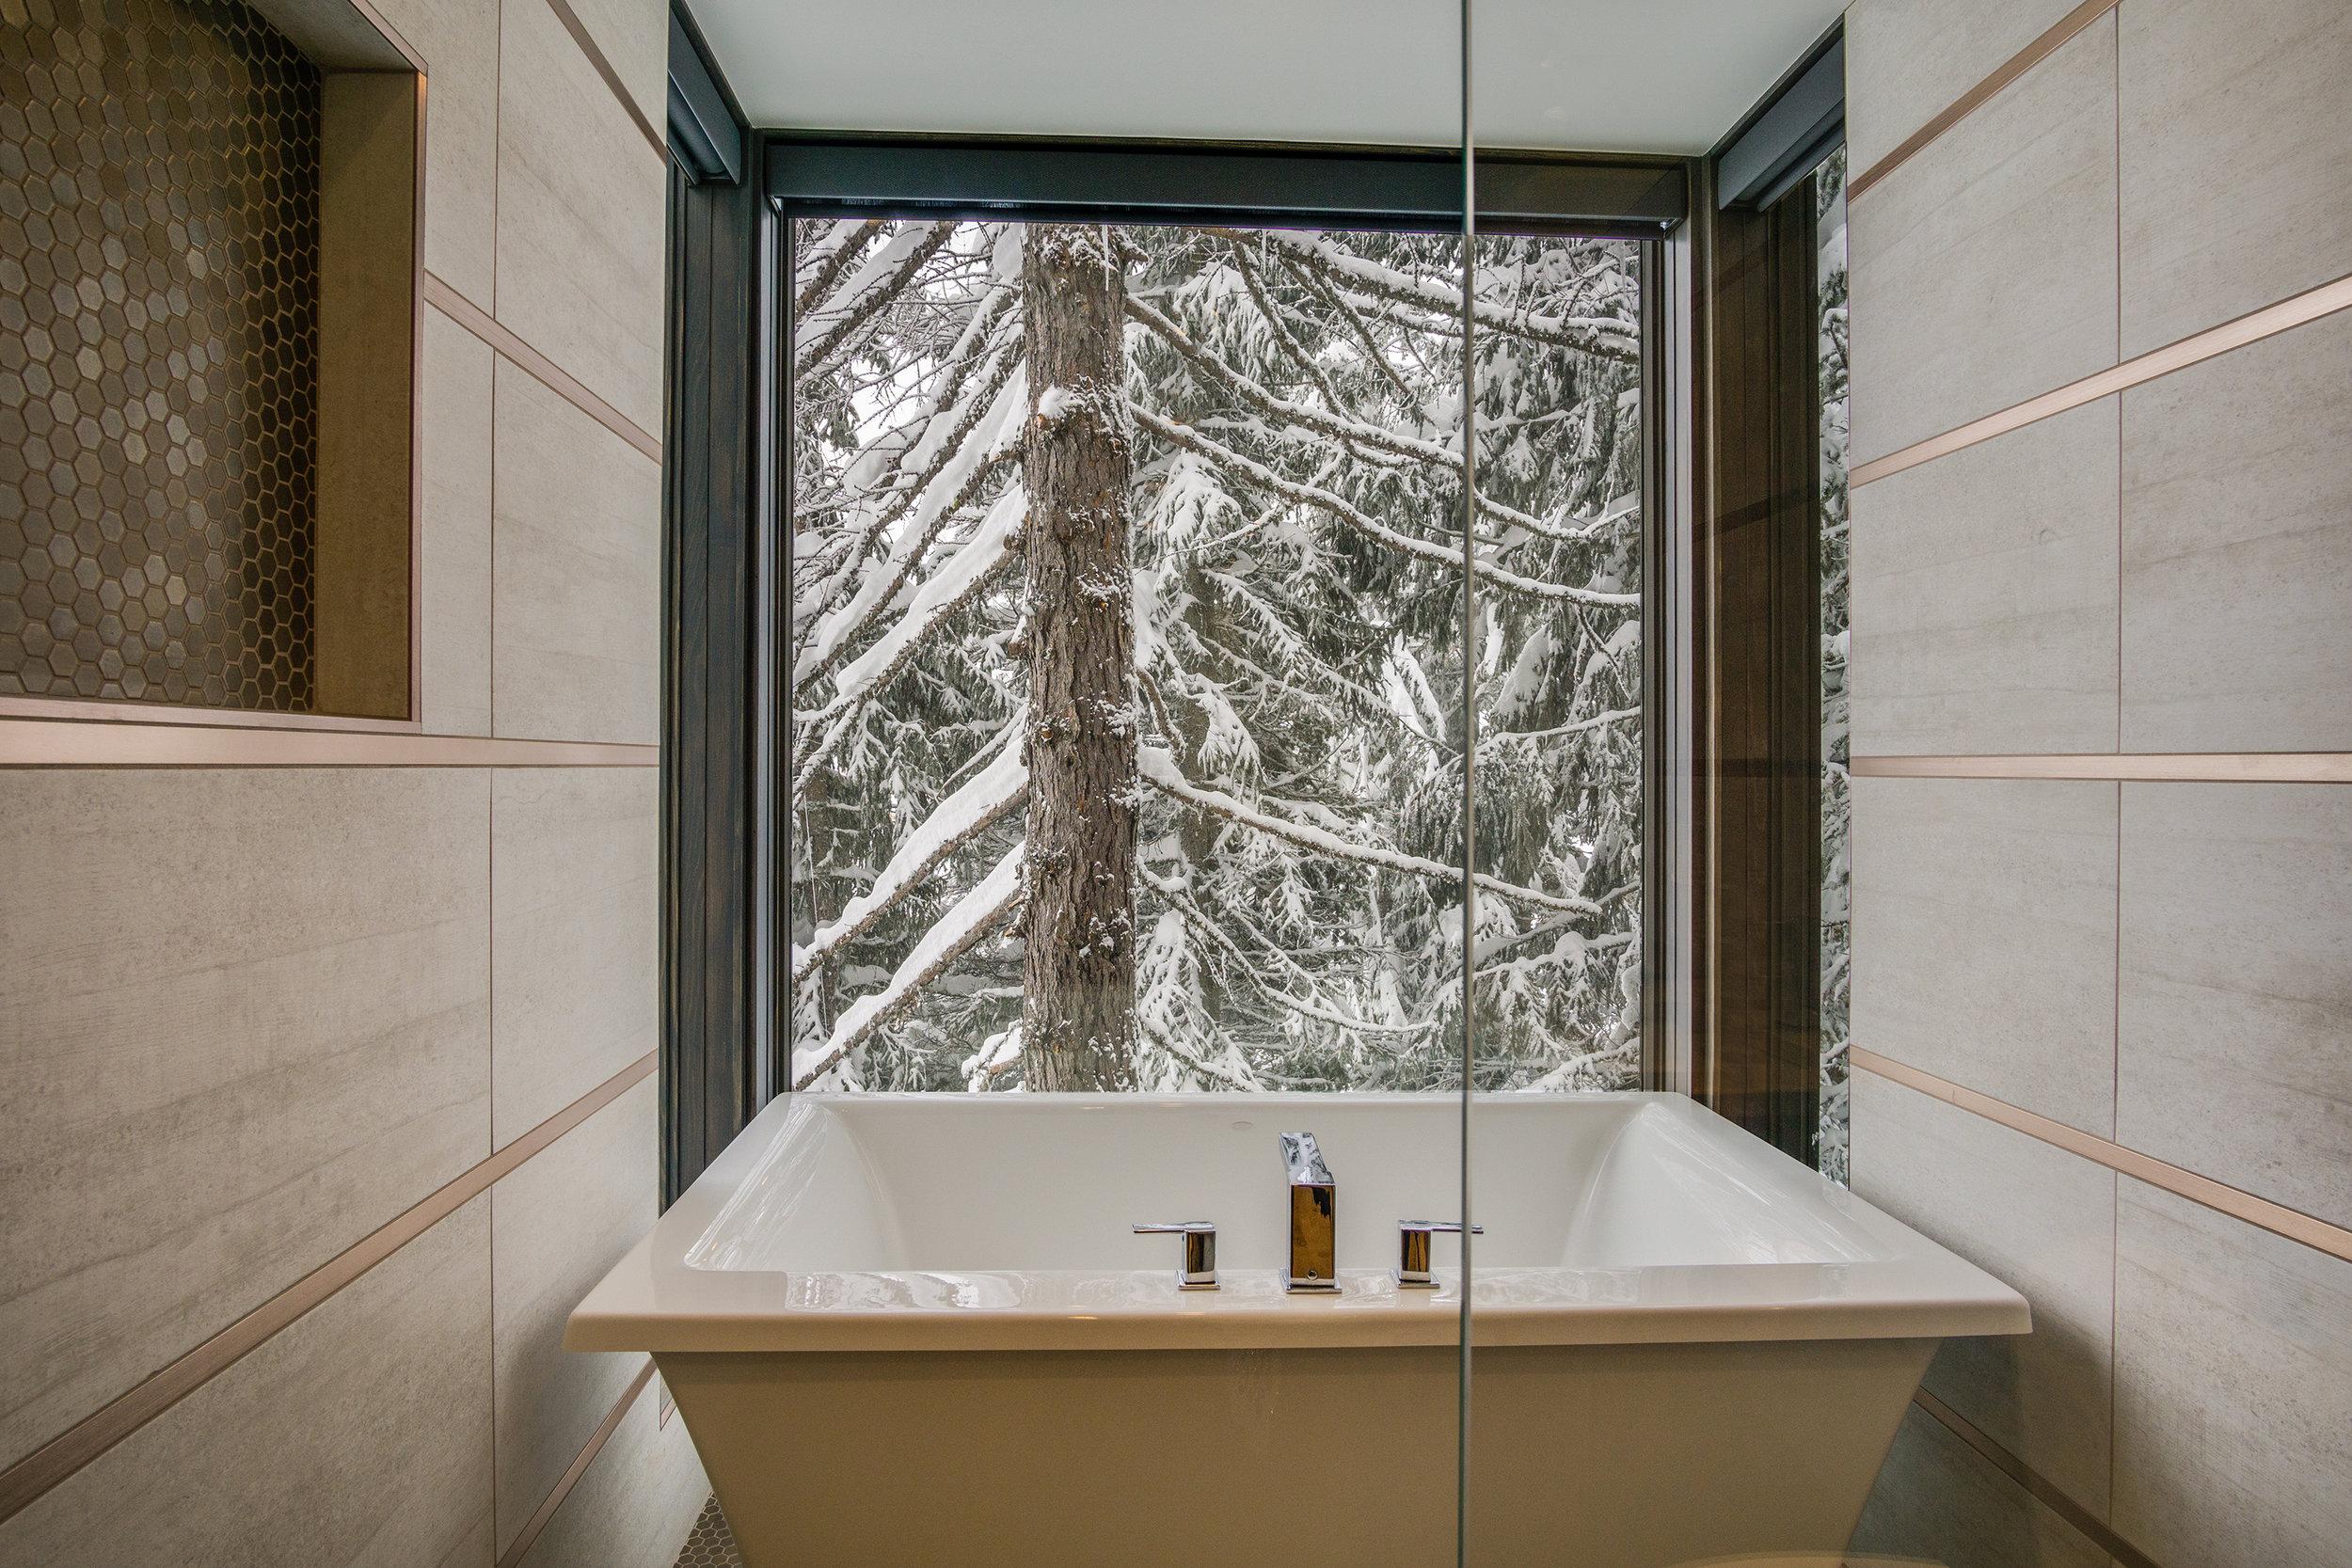 Interior-Bahtroom-Tub-Snow-Trees.jpg